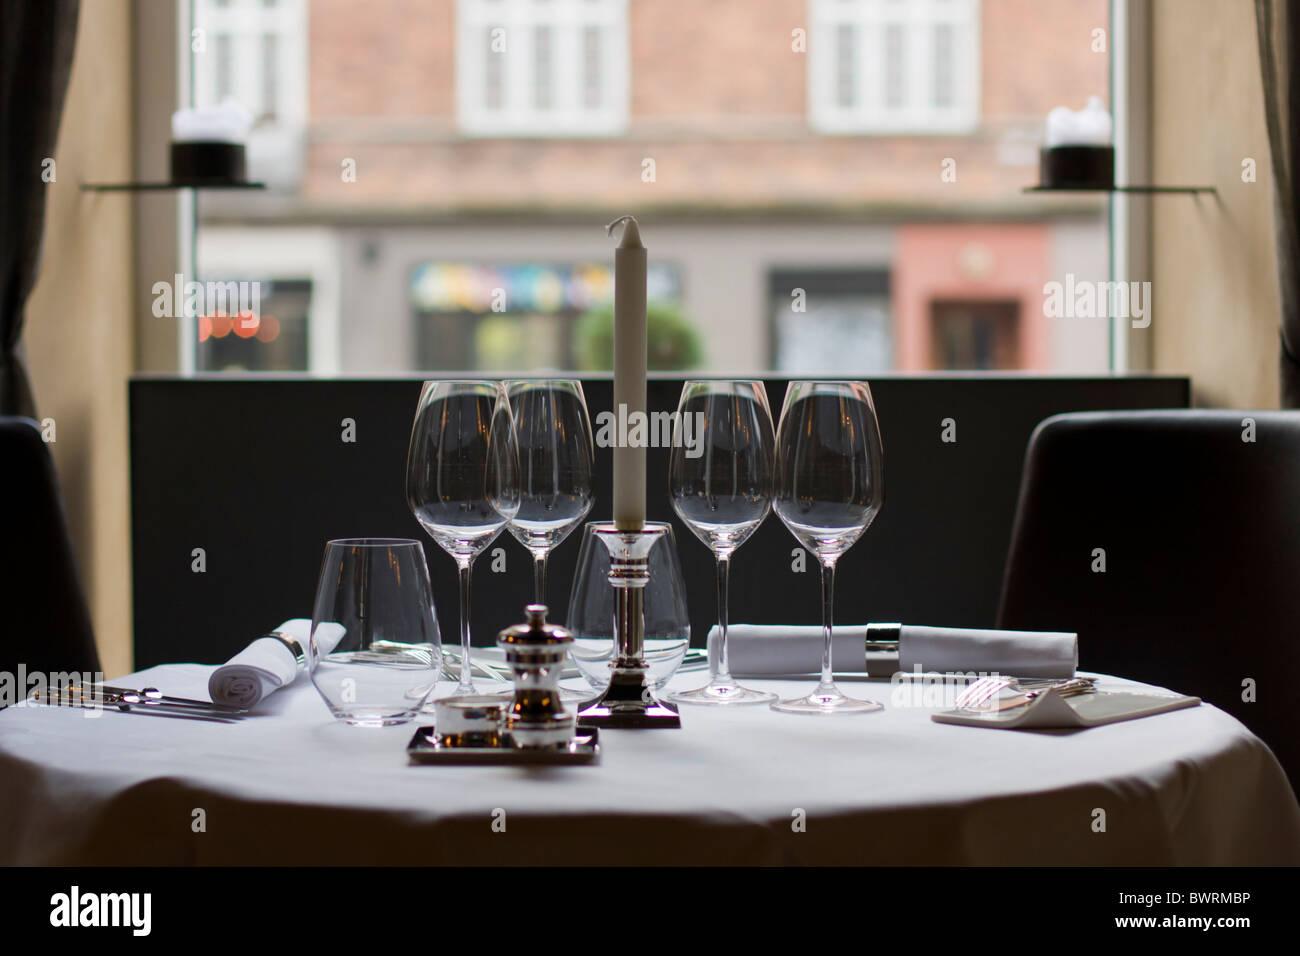 Détails de la salle à manger au restaurant Formule B, à Copenhague, au Danemark. Photo Stock